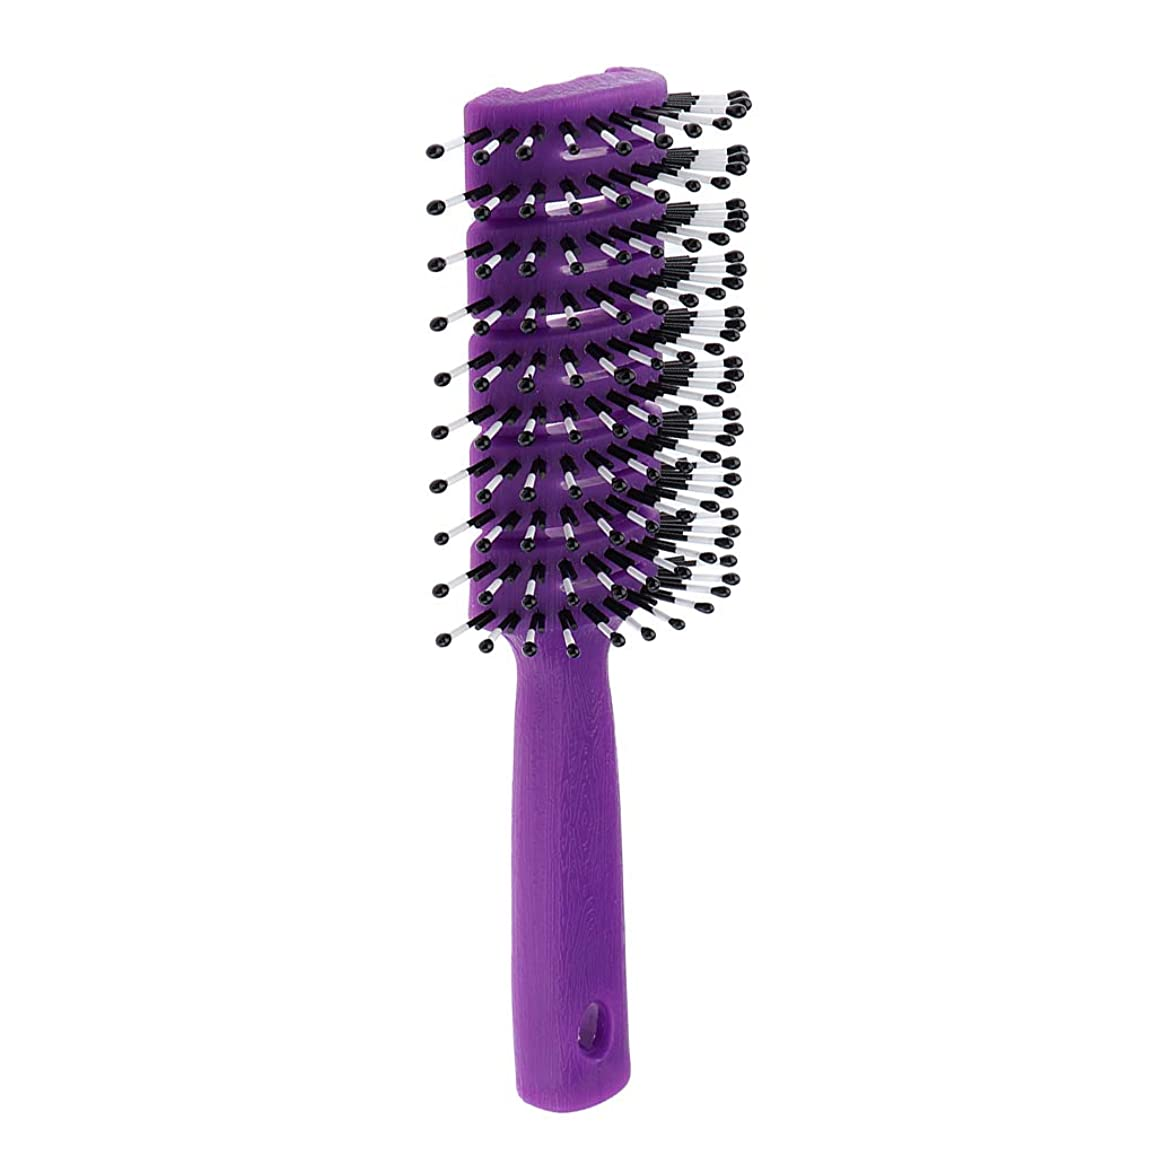 無傷キャンパス文明化ヘアコーム 静電防止櫛 ヘアブラシ 頭皮マッサージ 快適 3色選べ - 紫